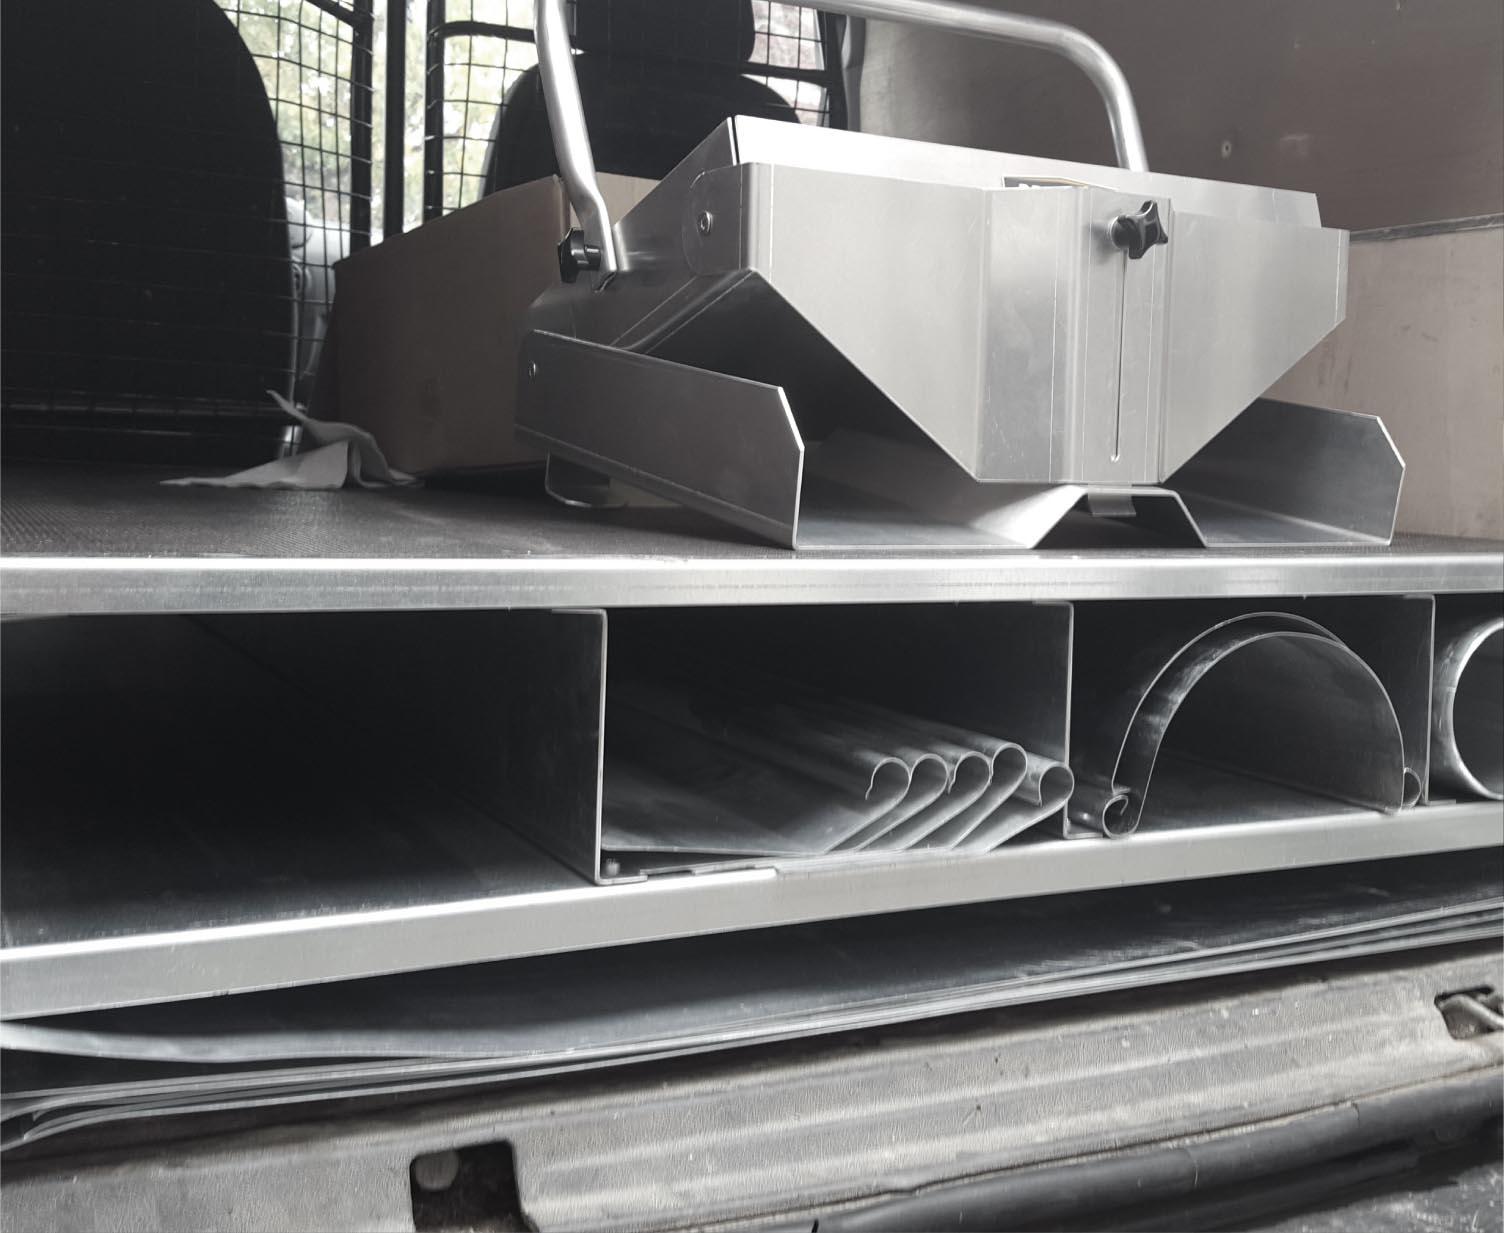 Feuille de zinc placard rangement plancher avec casier pour voiture